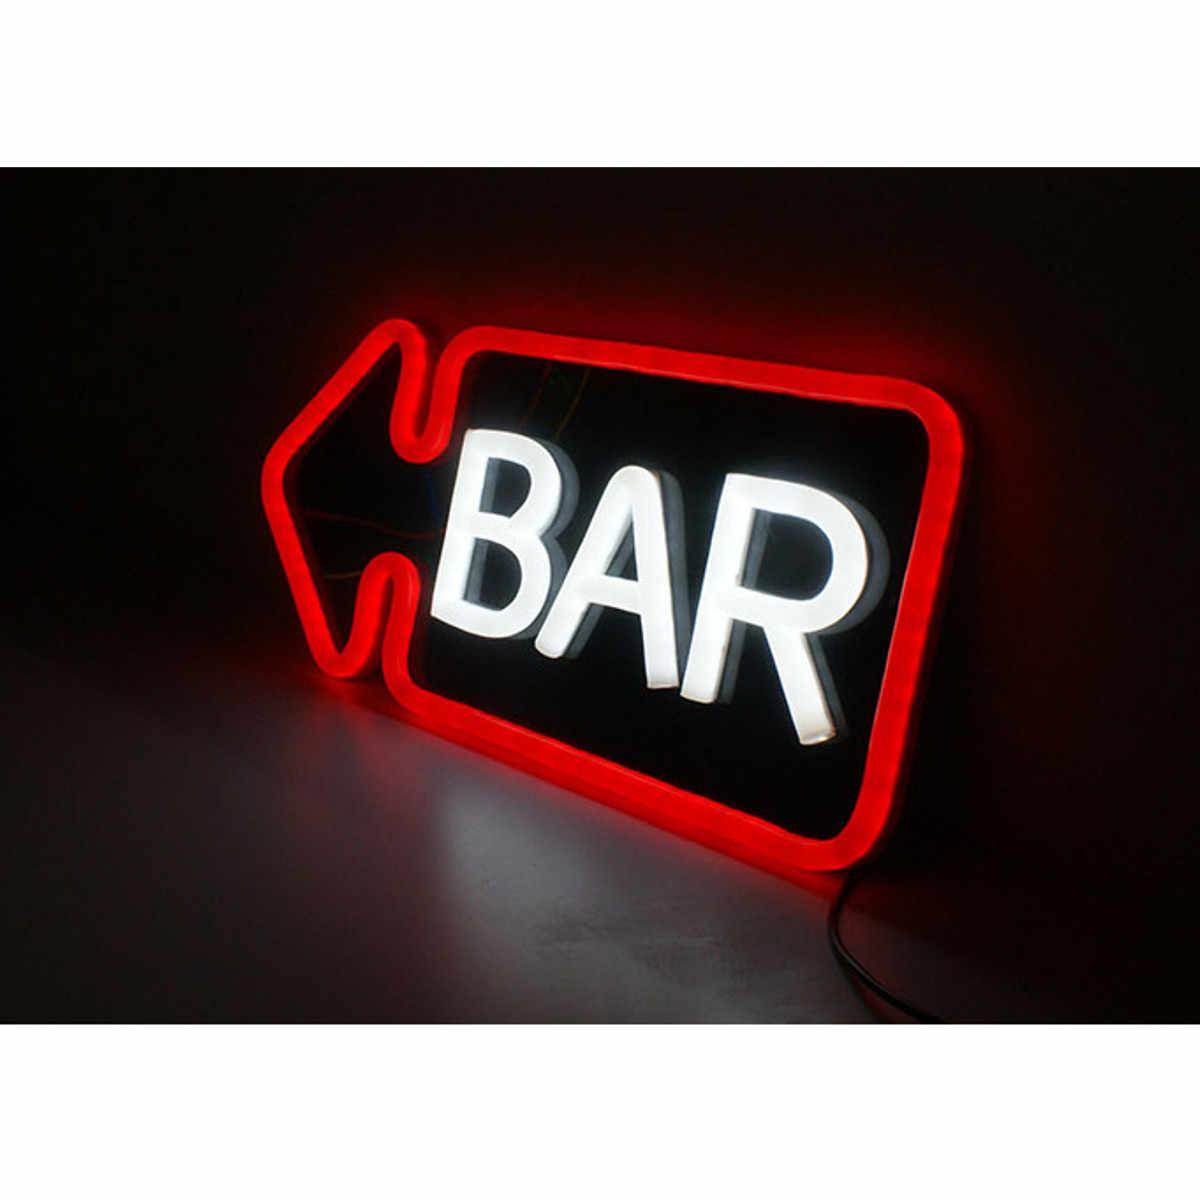 BAR Işareti LED Neon Işık PVC Bar Kulübü Duvar Işık Lambası dekorasyon ışıklandırma Neon Ampuller Kartı El Yapımı Görsel Yapıt